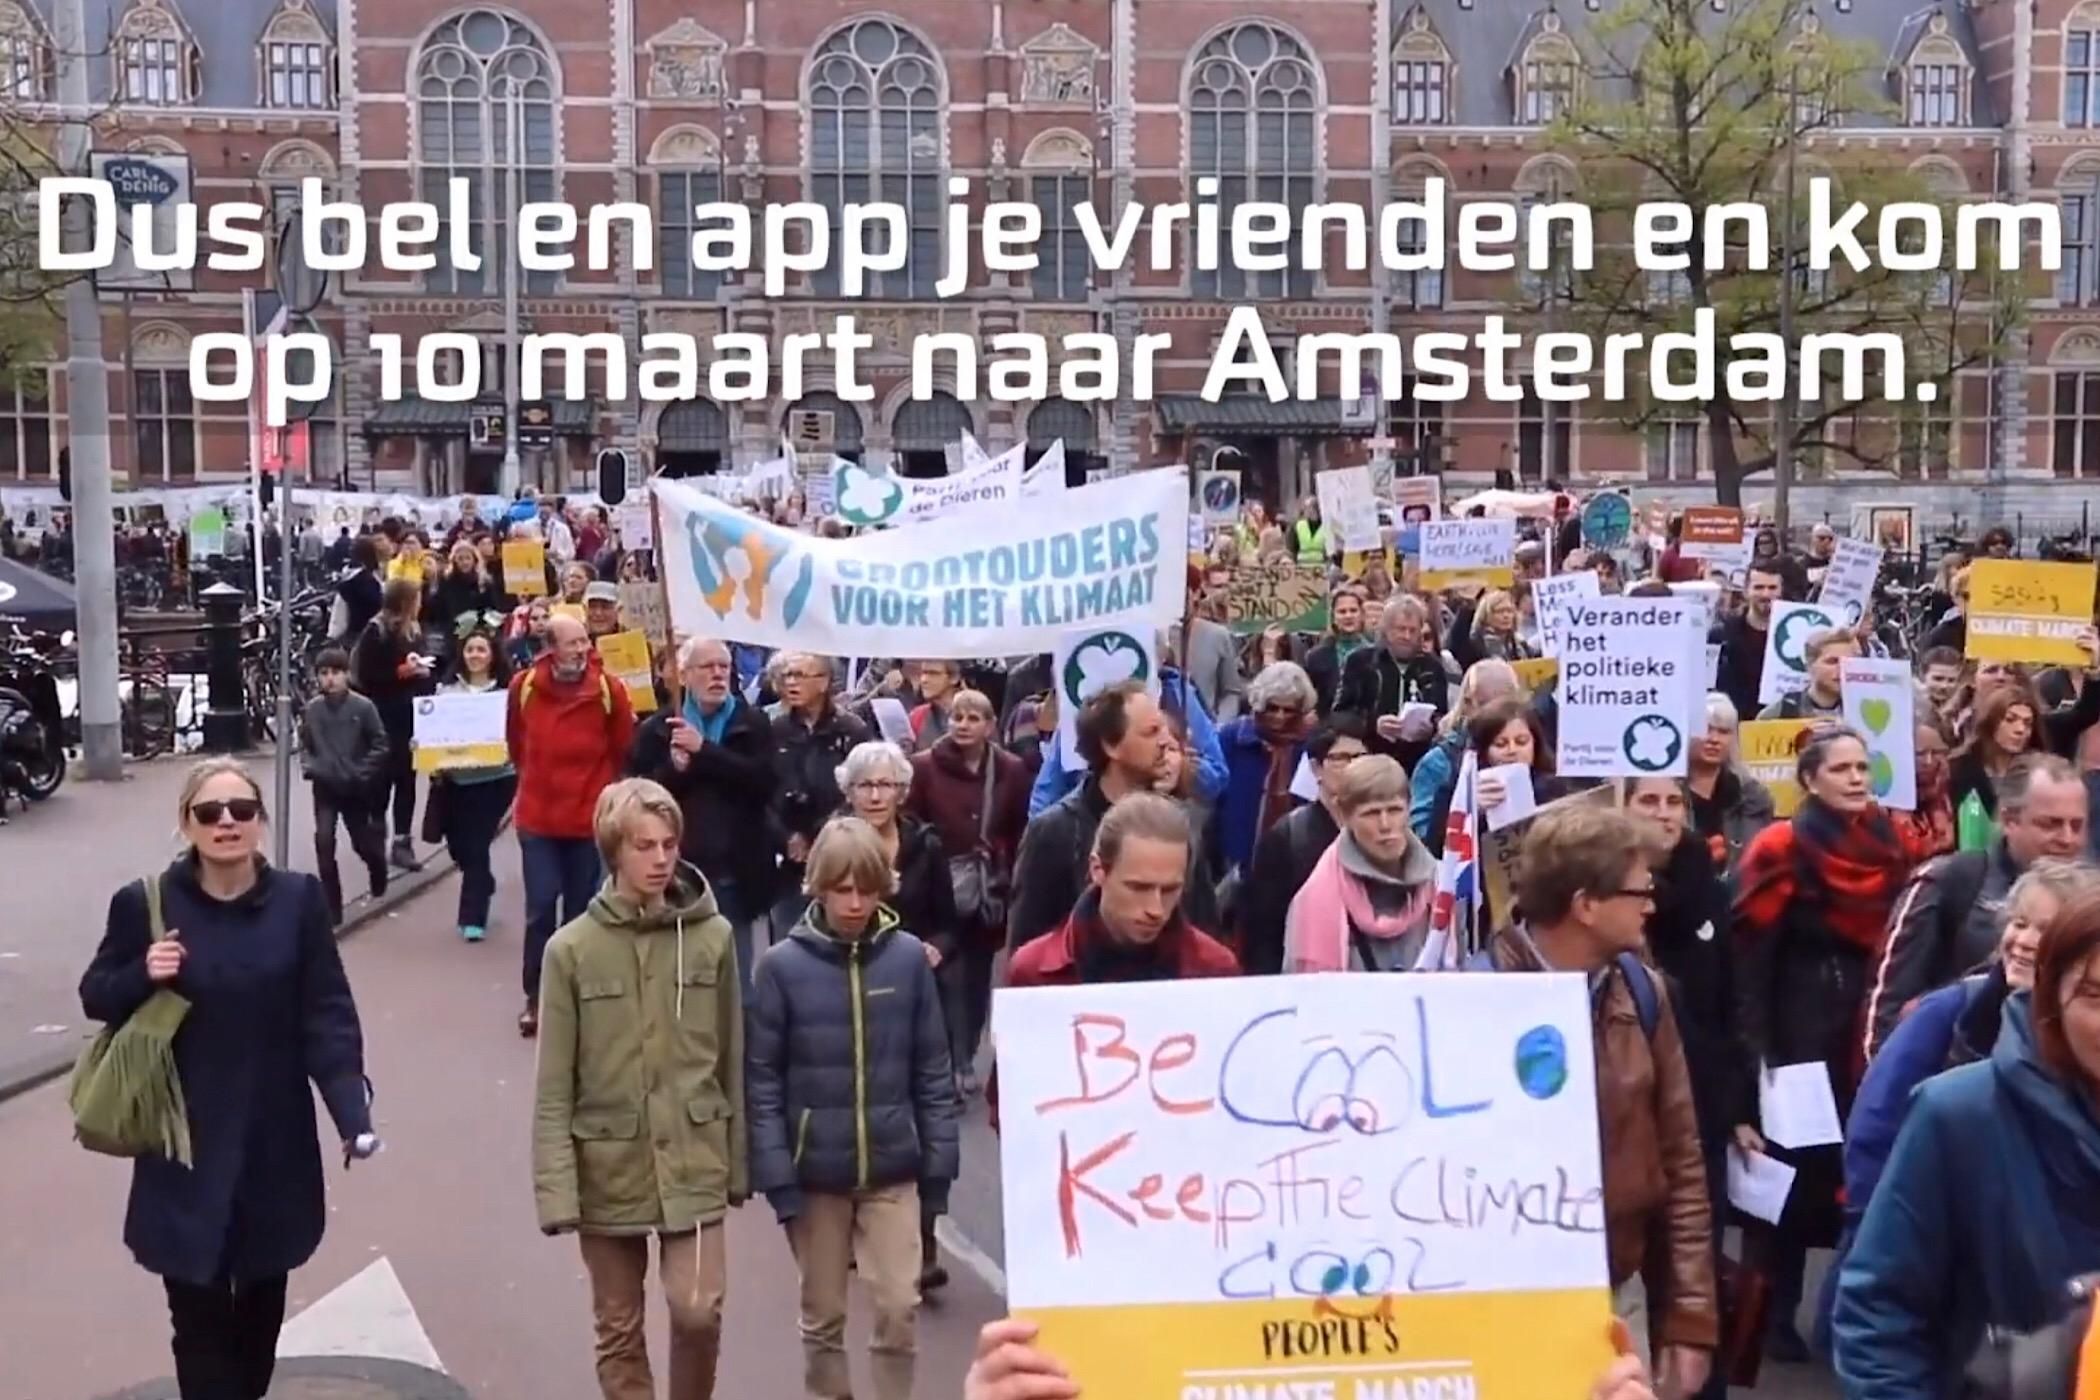 Samen meelopen met de Eerlijke Klimaatmars YorienvdH opiniez